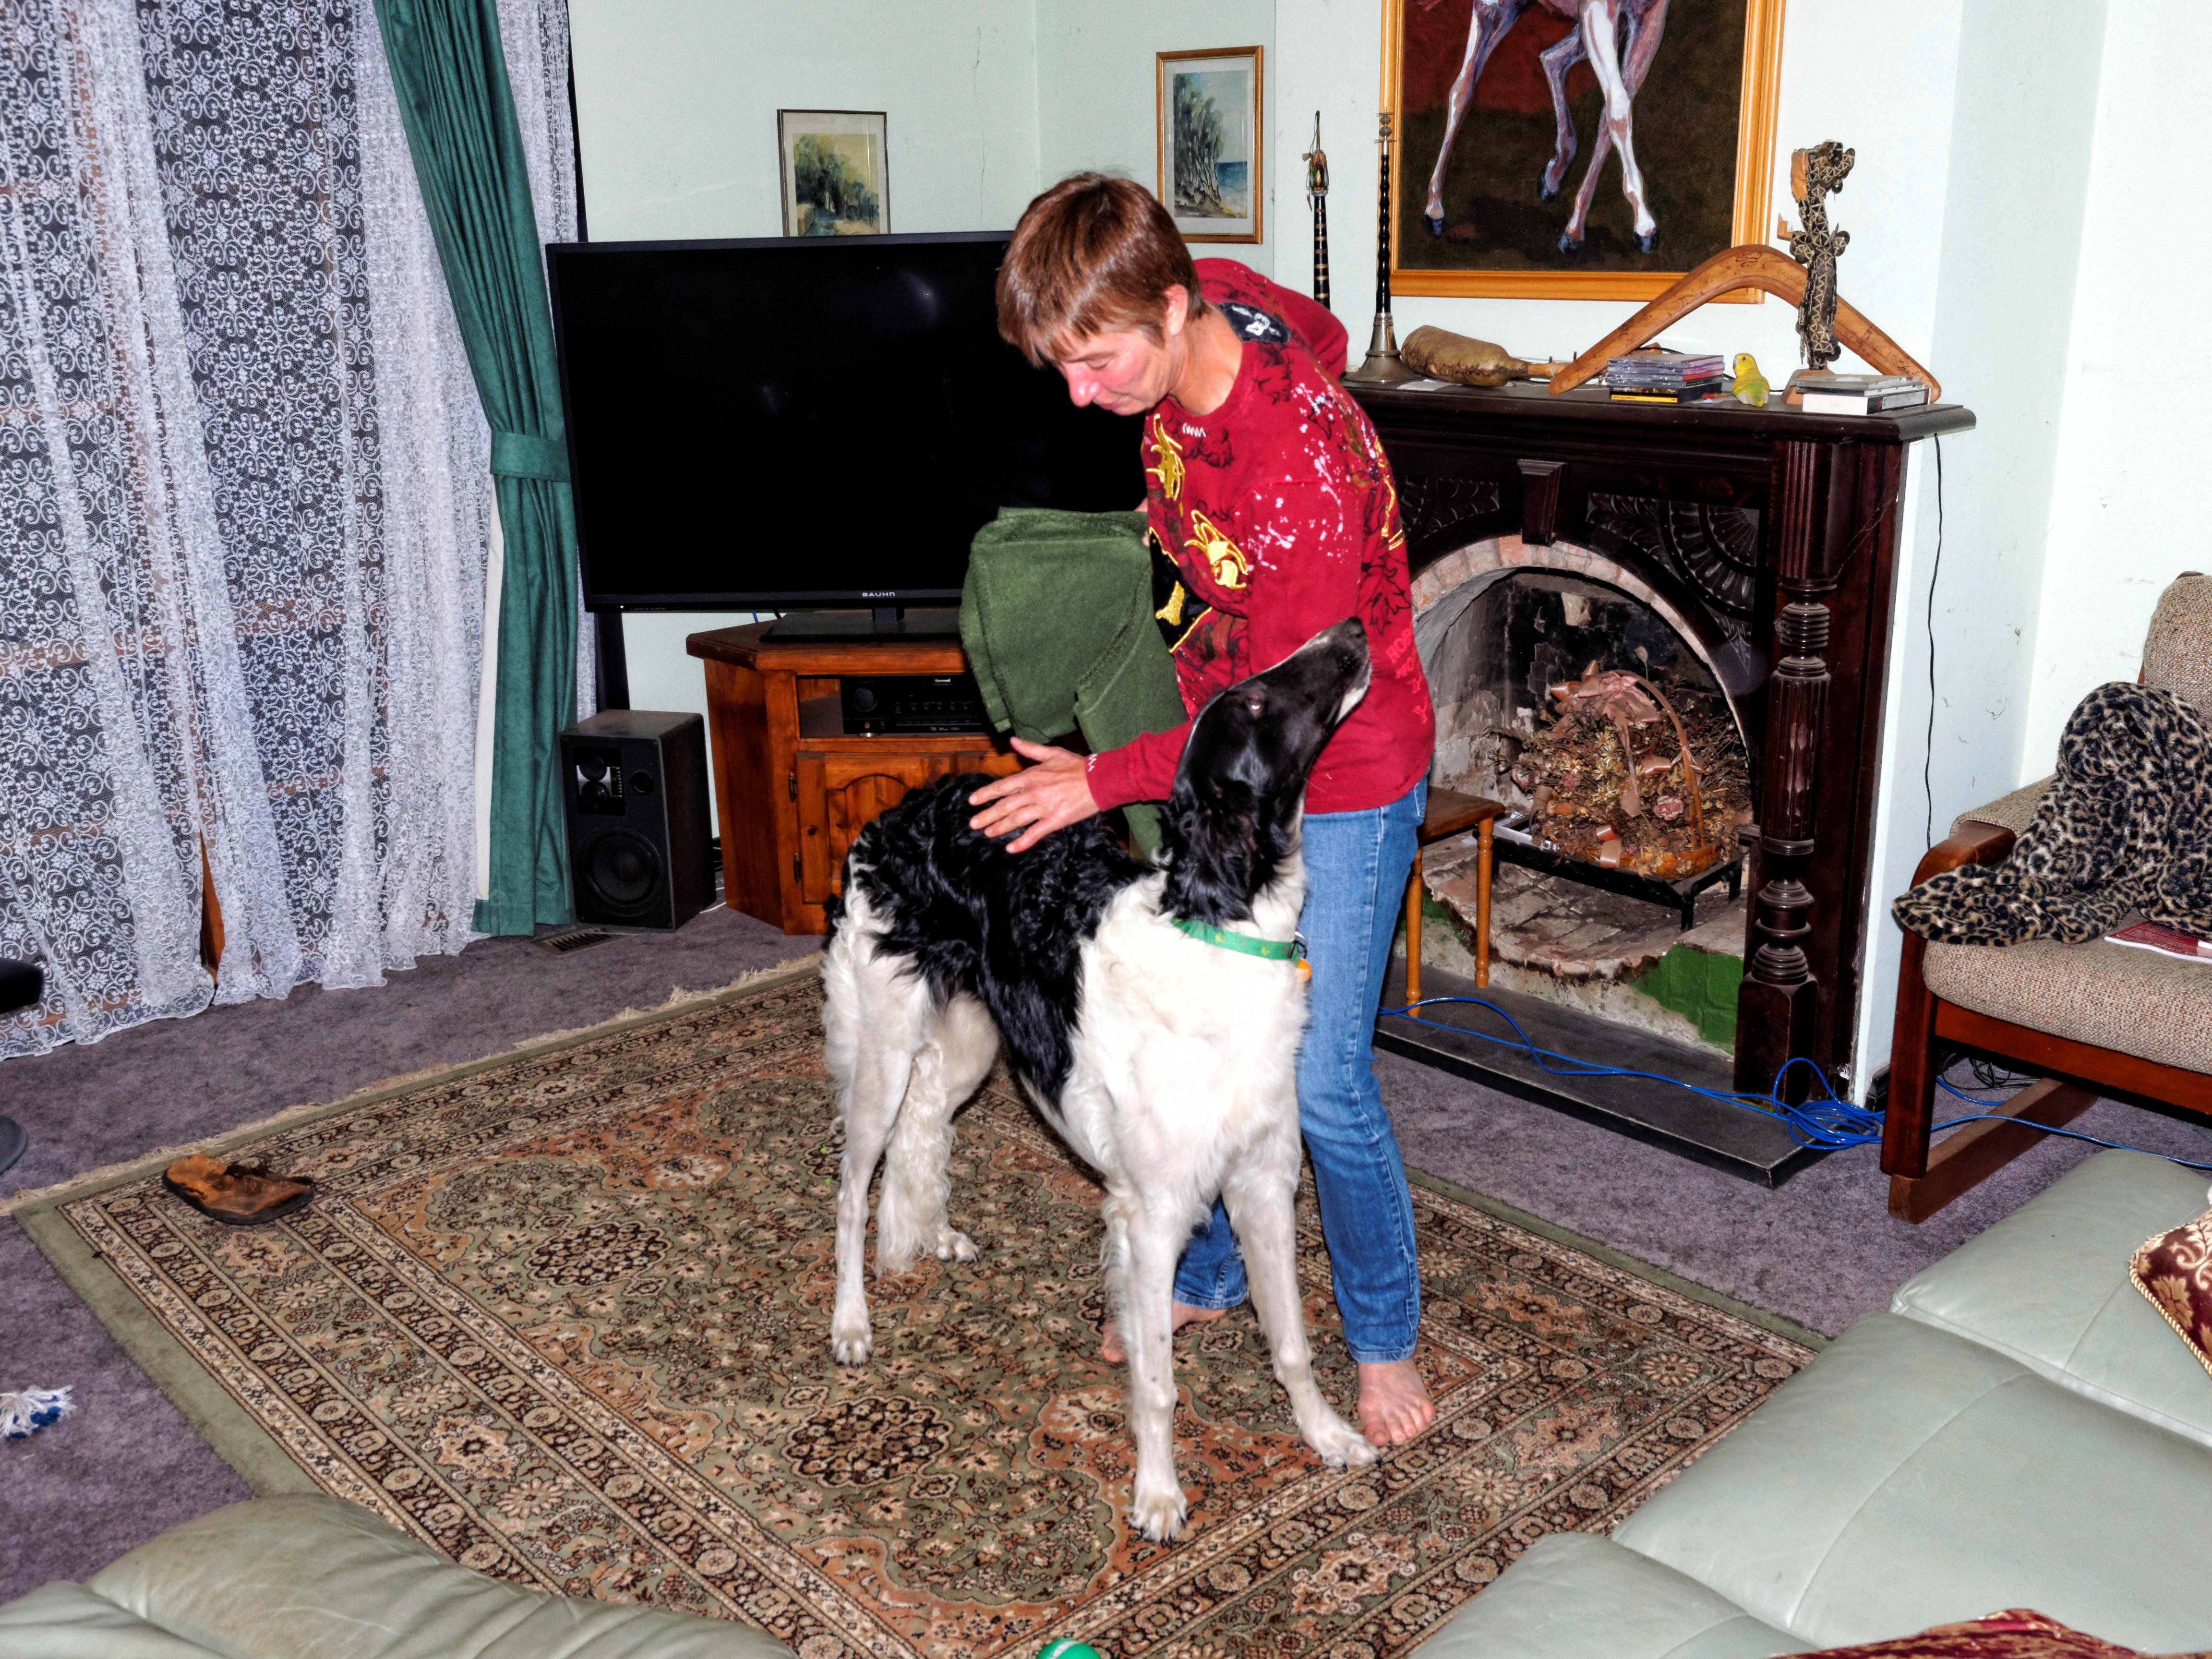 Chris-and-dogs-2.jpeg